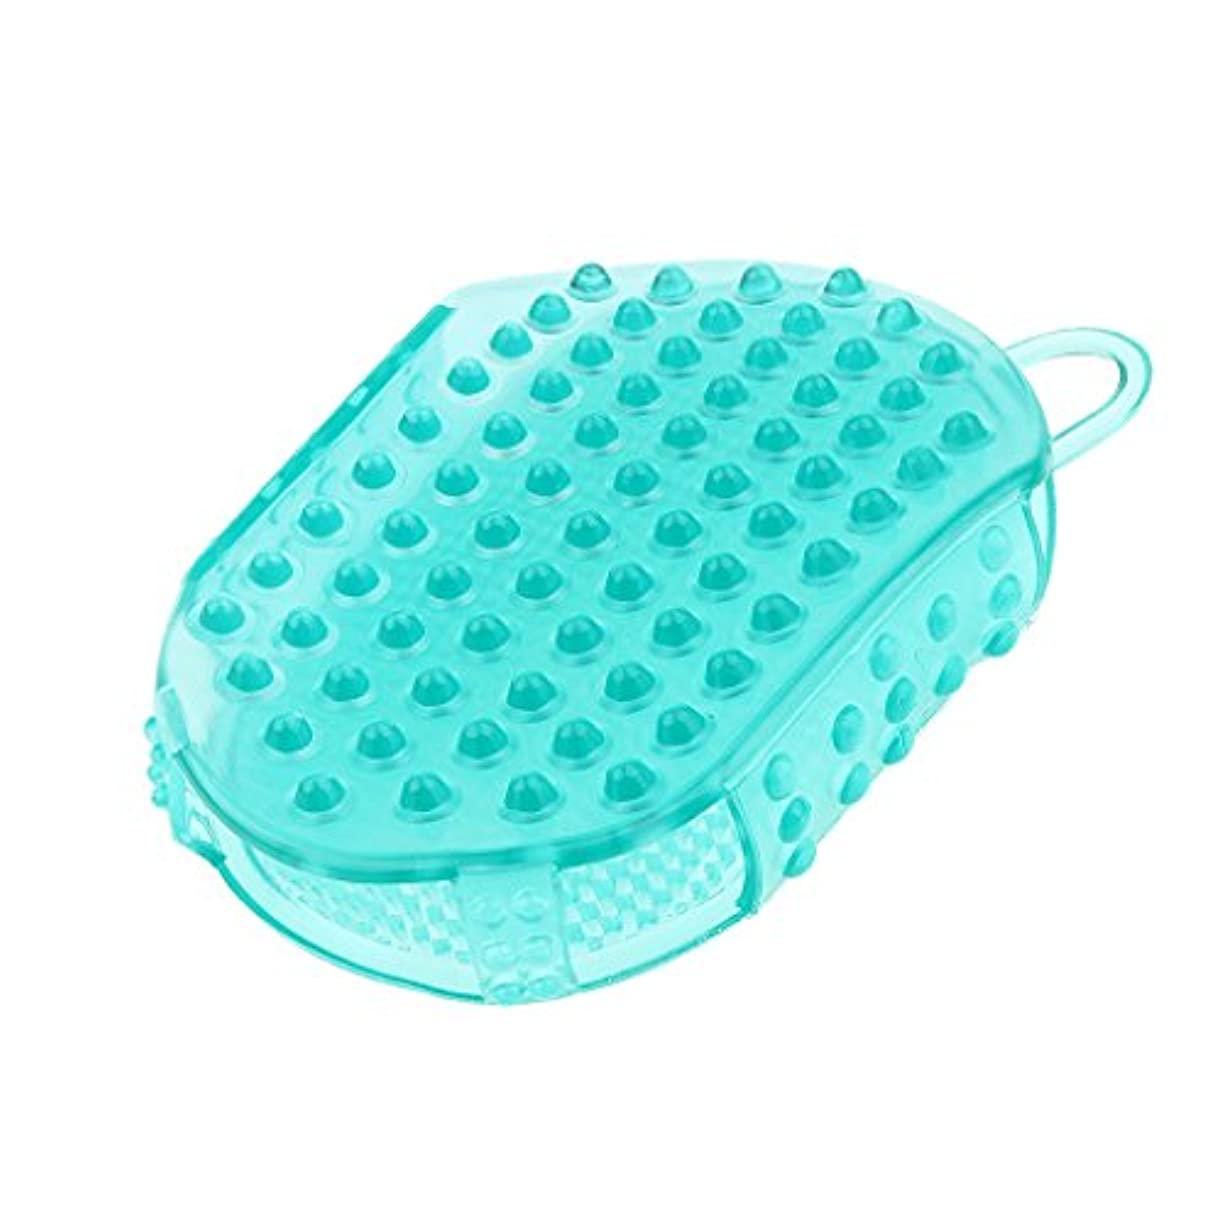 整理するドーム作り上げる頭皮マッサージ コーム ヘアマッサージャー 櫛 防水性 子供 大人 シャワー用 便利